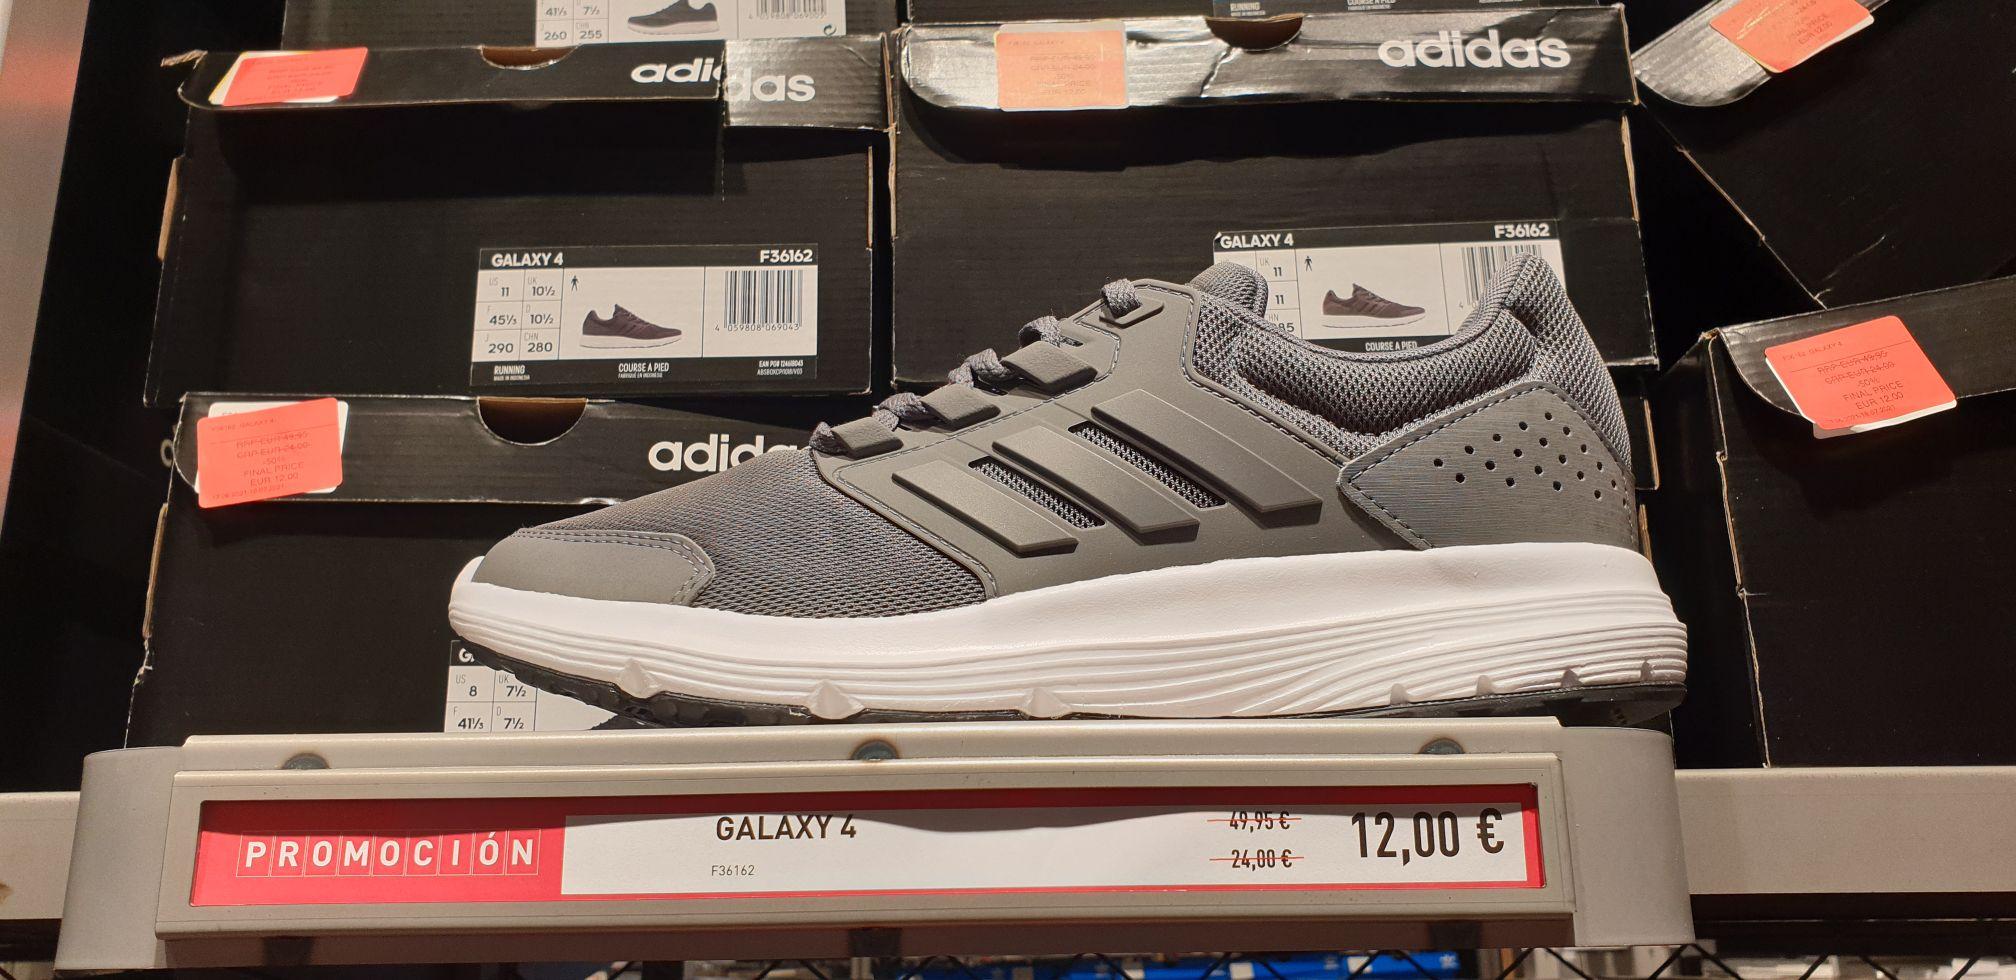 Zapatillas Adidas Galaxy 4 adulto (Tienda Adidas de La Torre Outlet de Zaragoza)